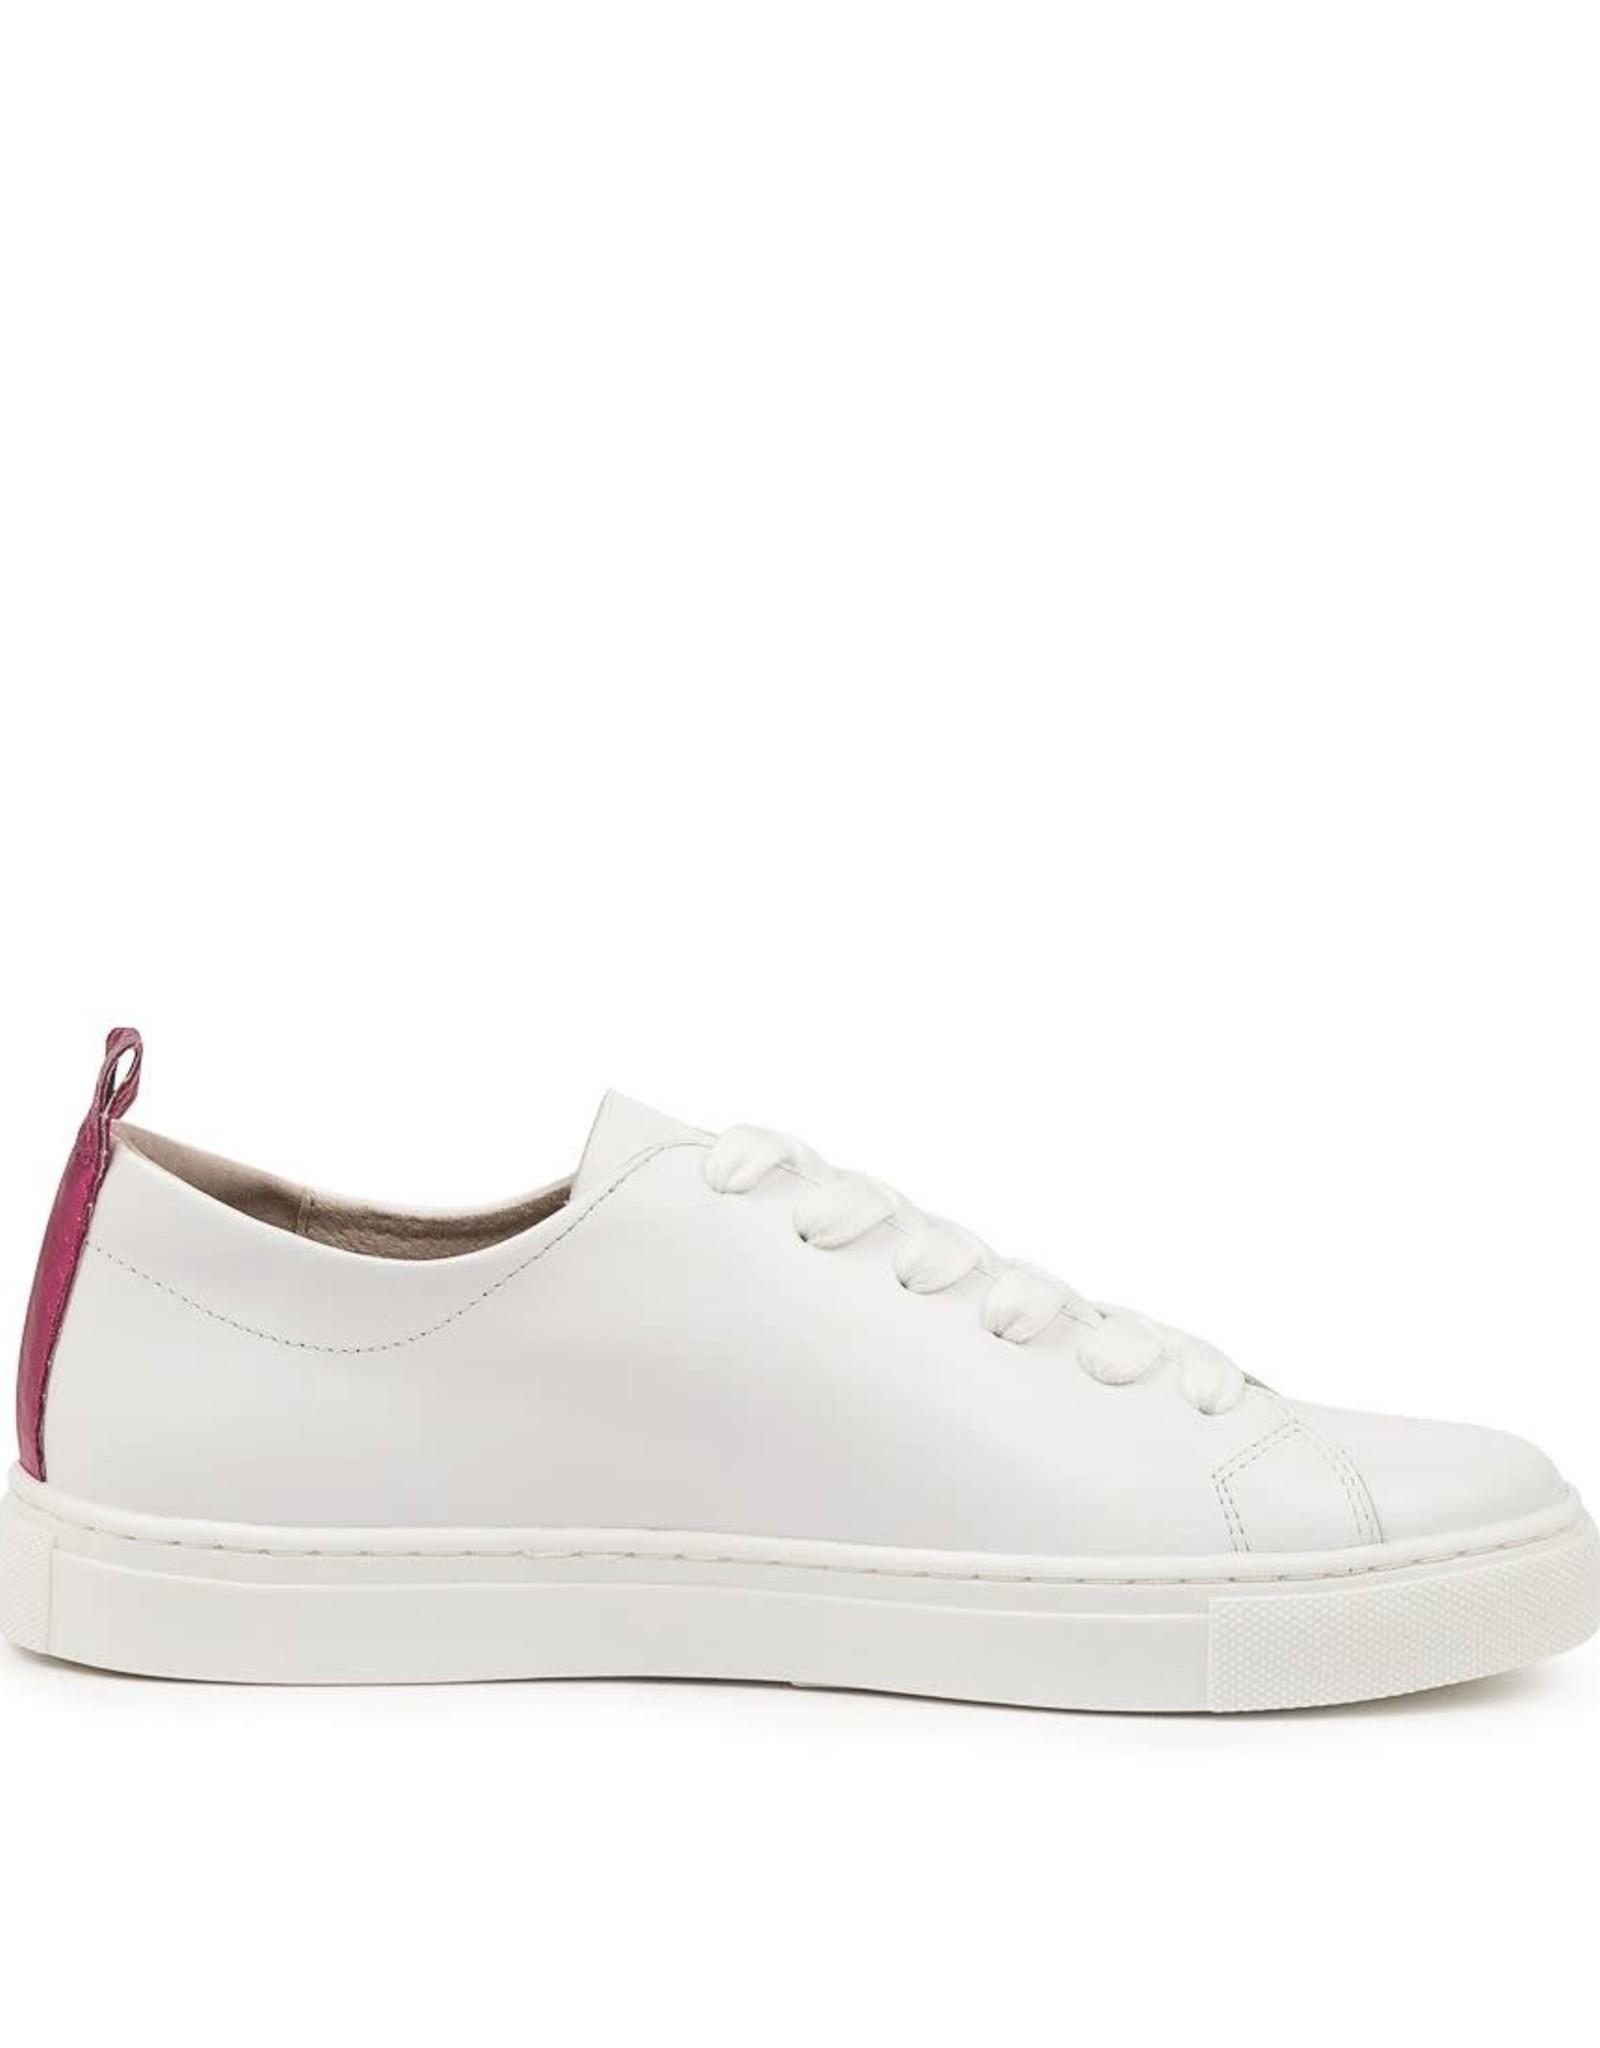 WALNUT Walnut - White Leather Sneaker (Green Glitter Heart)